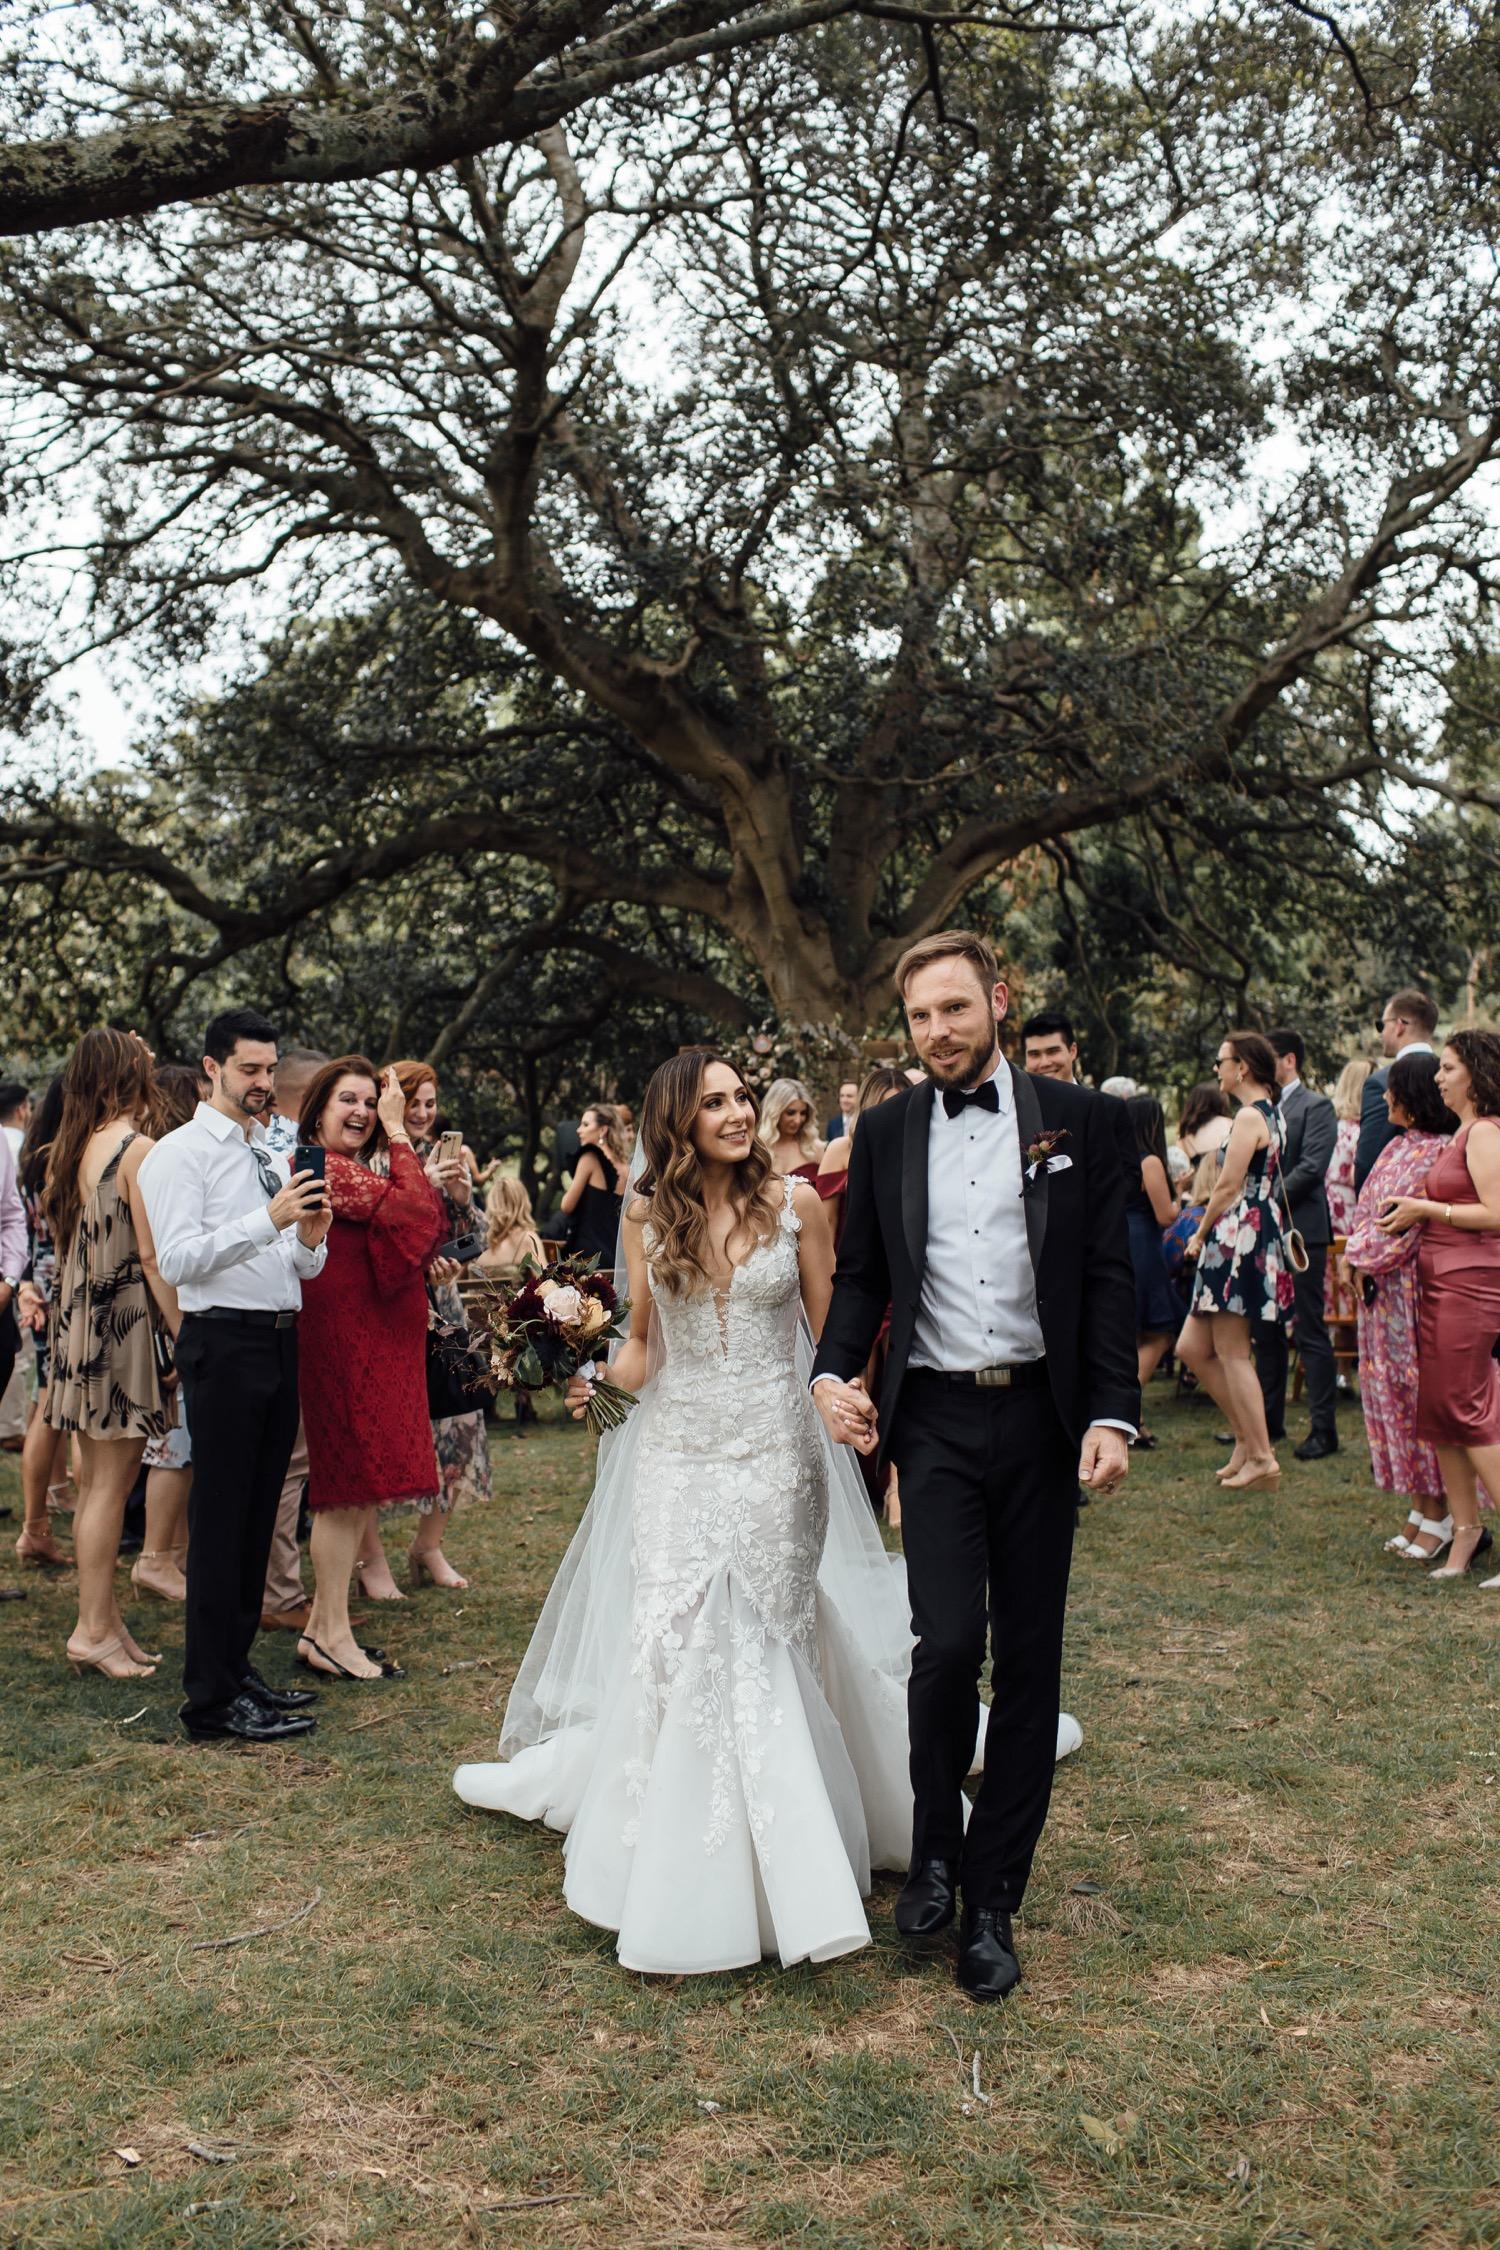 Centennial Park She-Oak Grove wedding ceremony